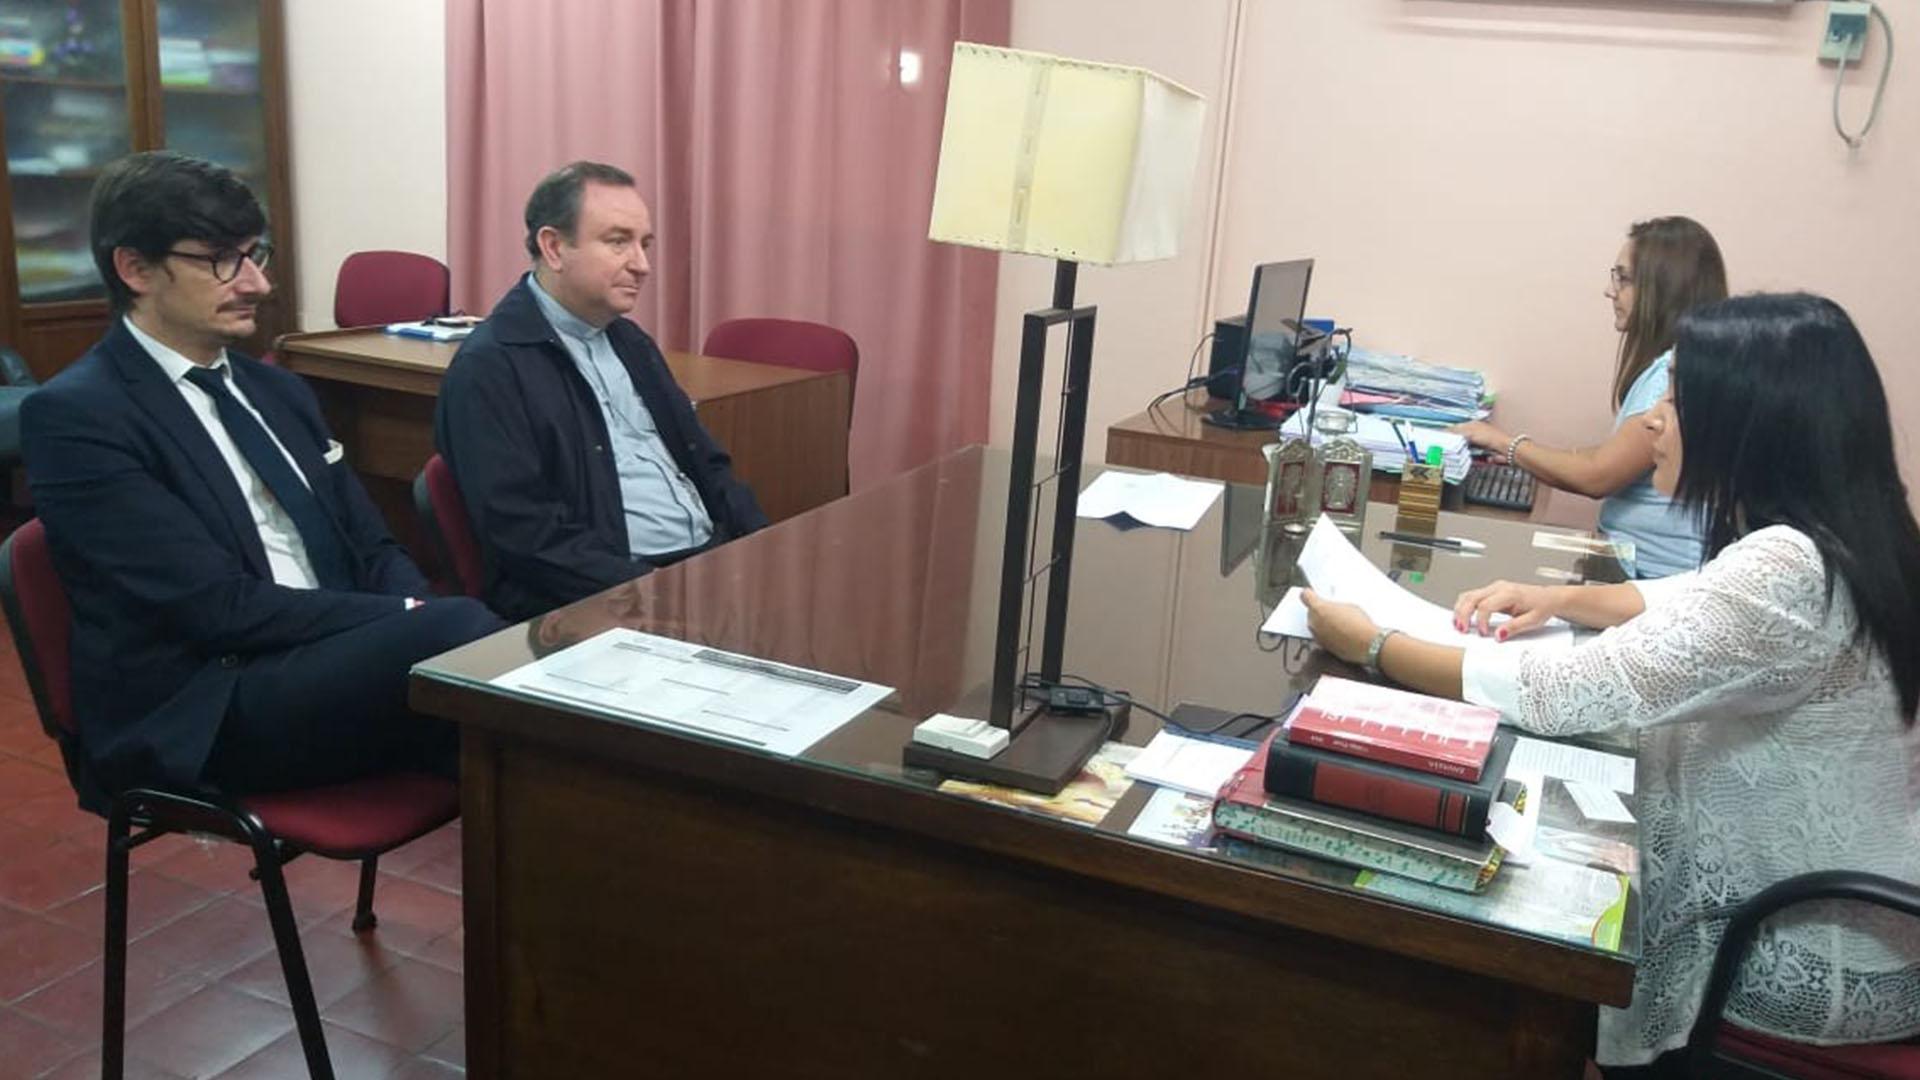 Exobispo argentino Gustavo Oscar Zanchetta, acompañado por su abogado canónico y portavoz, ante la jueza María Laura Toledo Zamora de Salta. Foto de EFE